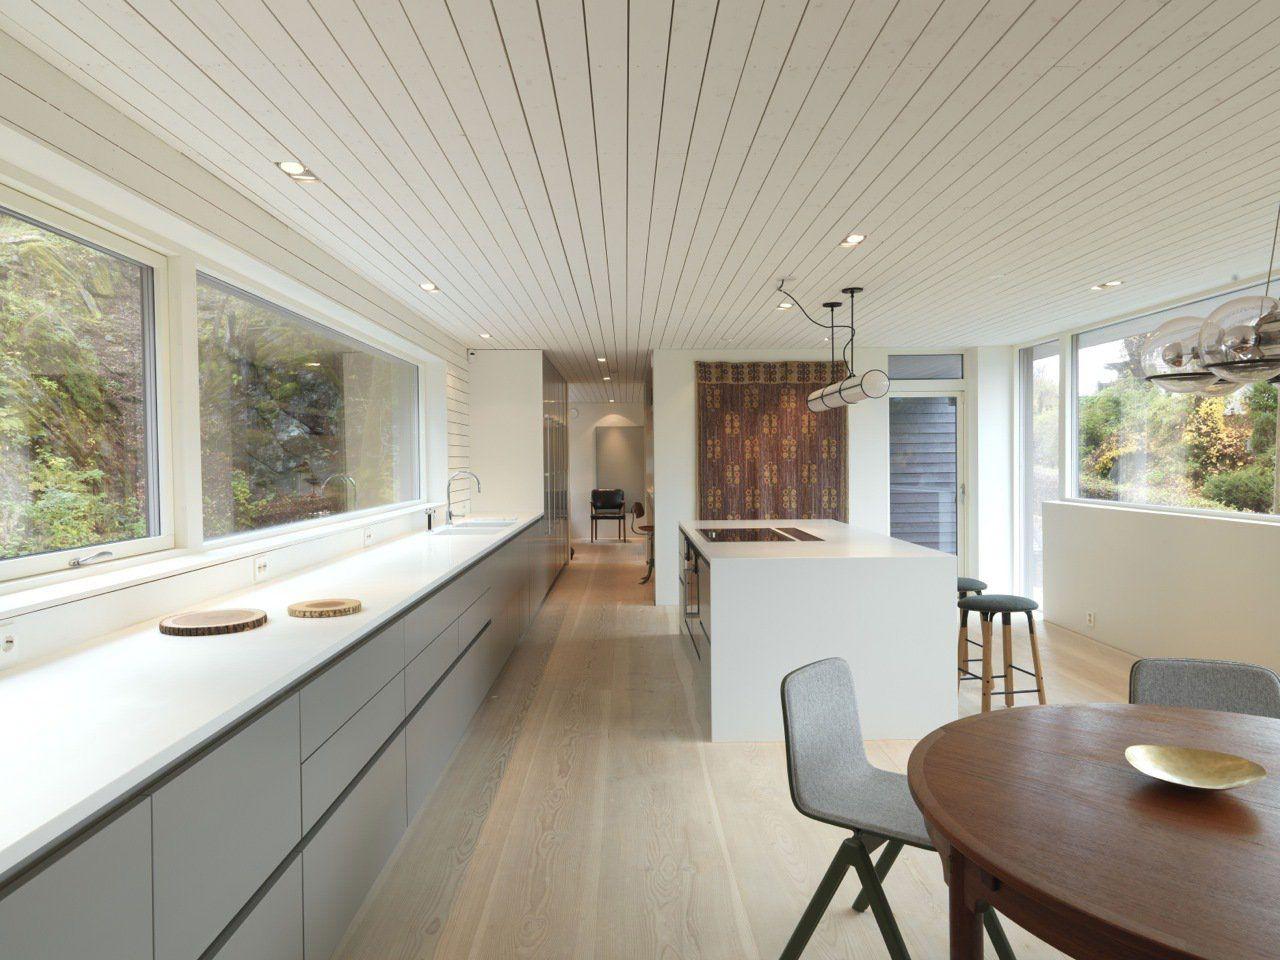 Villa-S-Saunders-Architecture-12